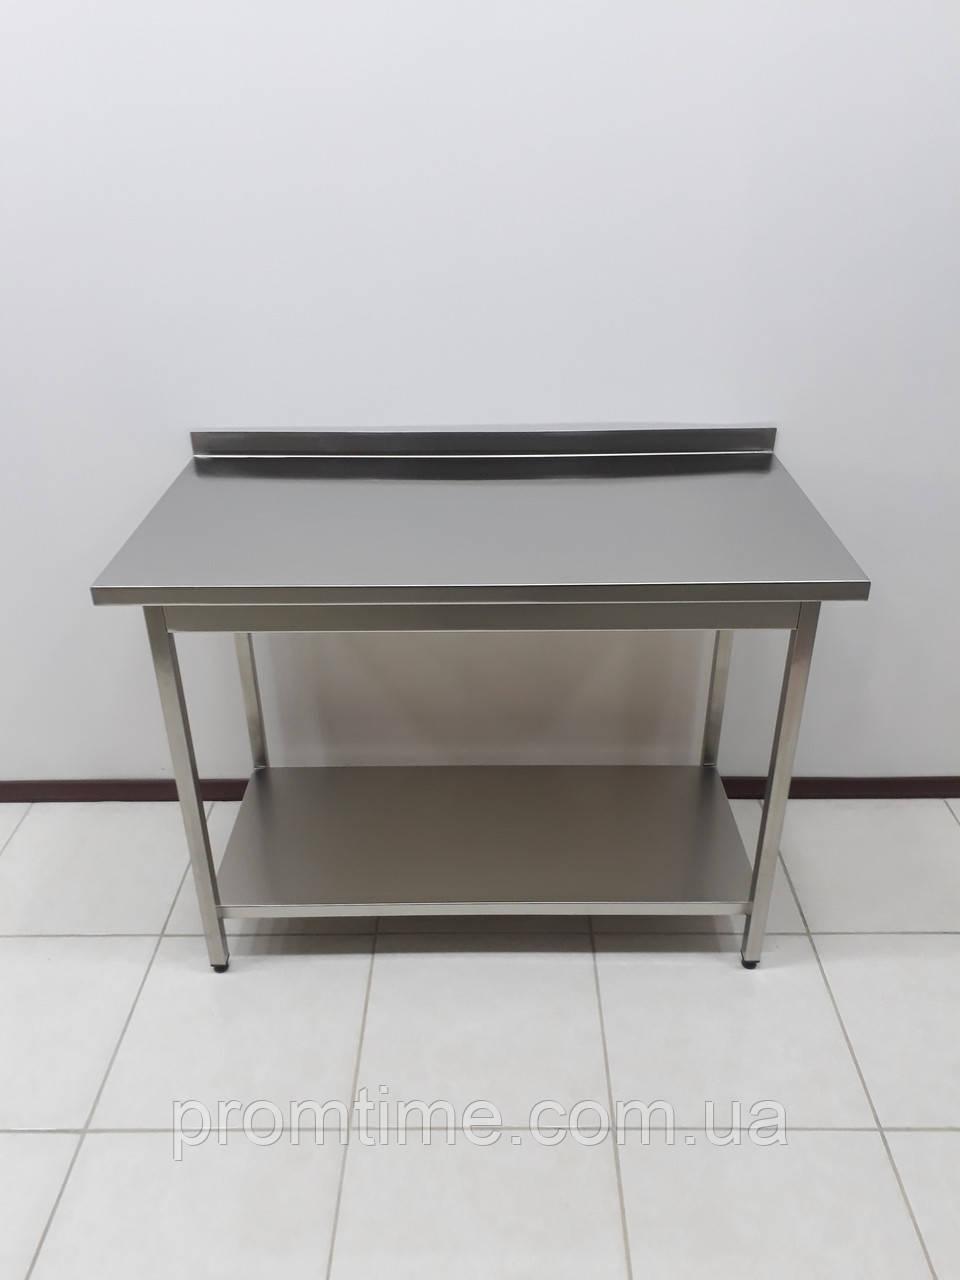 Стол производственный из нержавеющей стали 1000х600х850